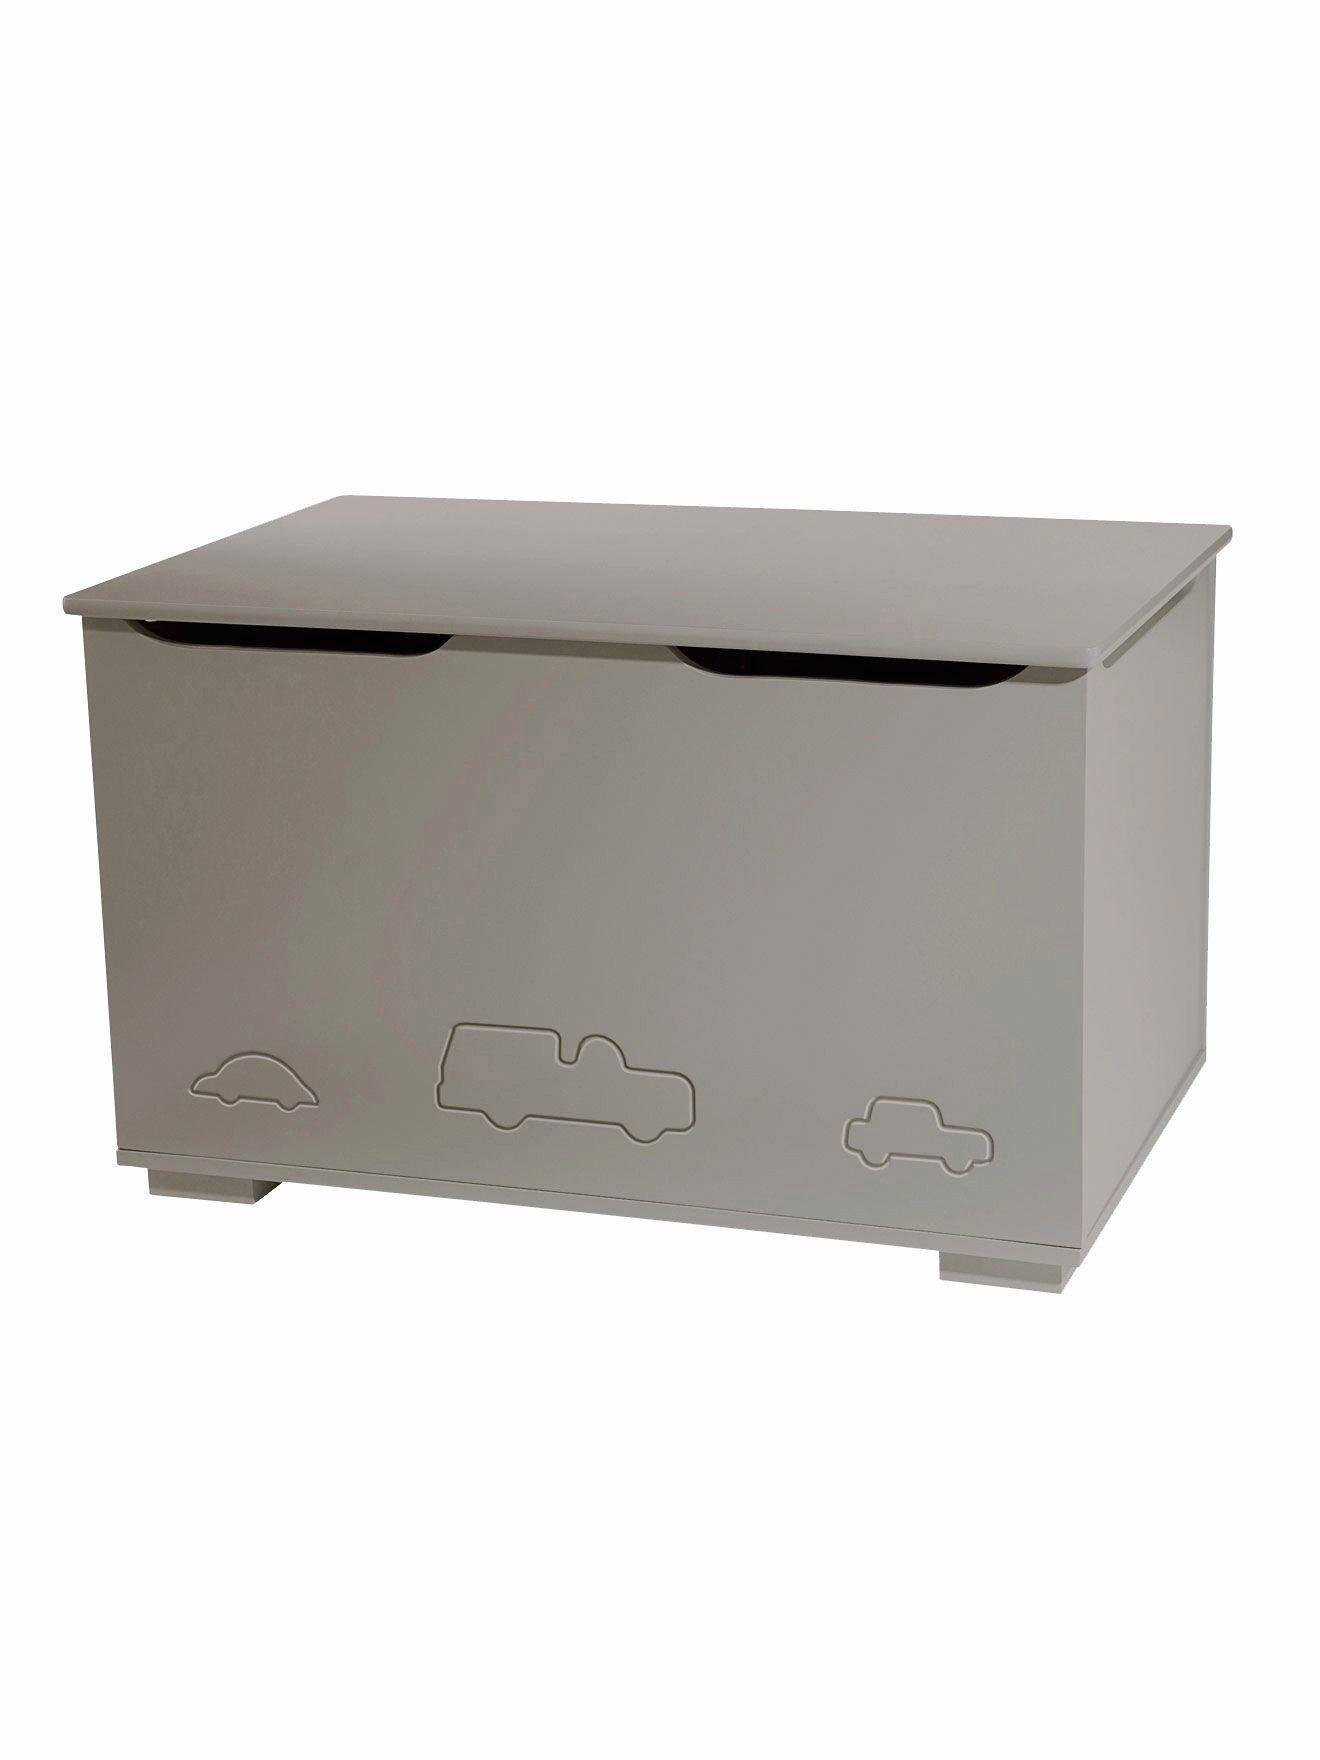 Lit Rangement Conforama Fraîche Banc Coffre Rangement Le Meilleur De Coffre Banquette Ikea Nouveau